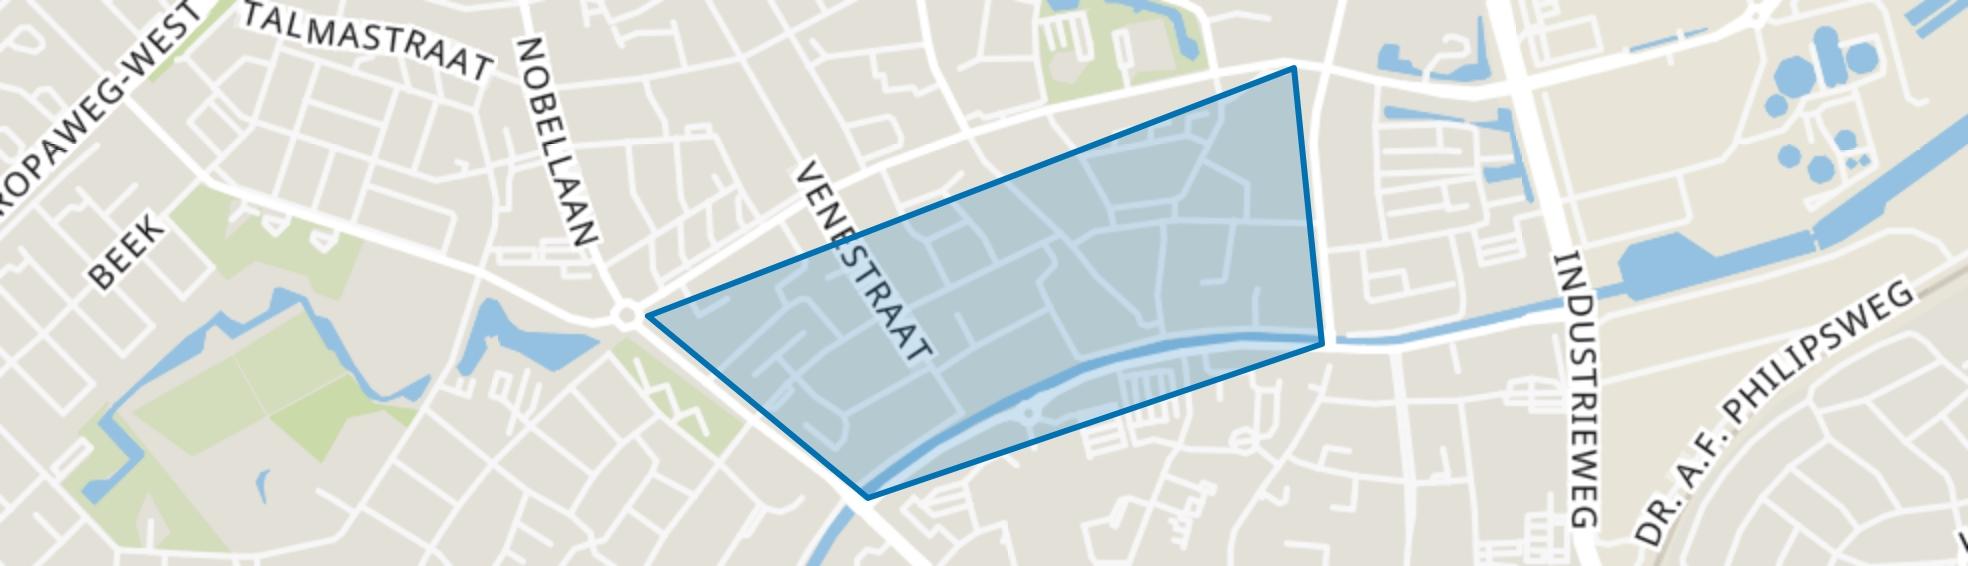 Oude Molenbuurt, Assen map